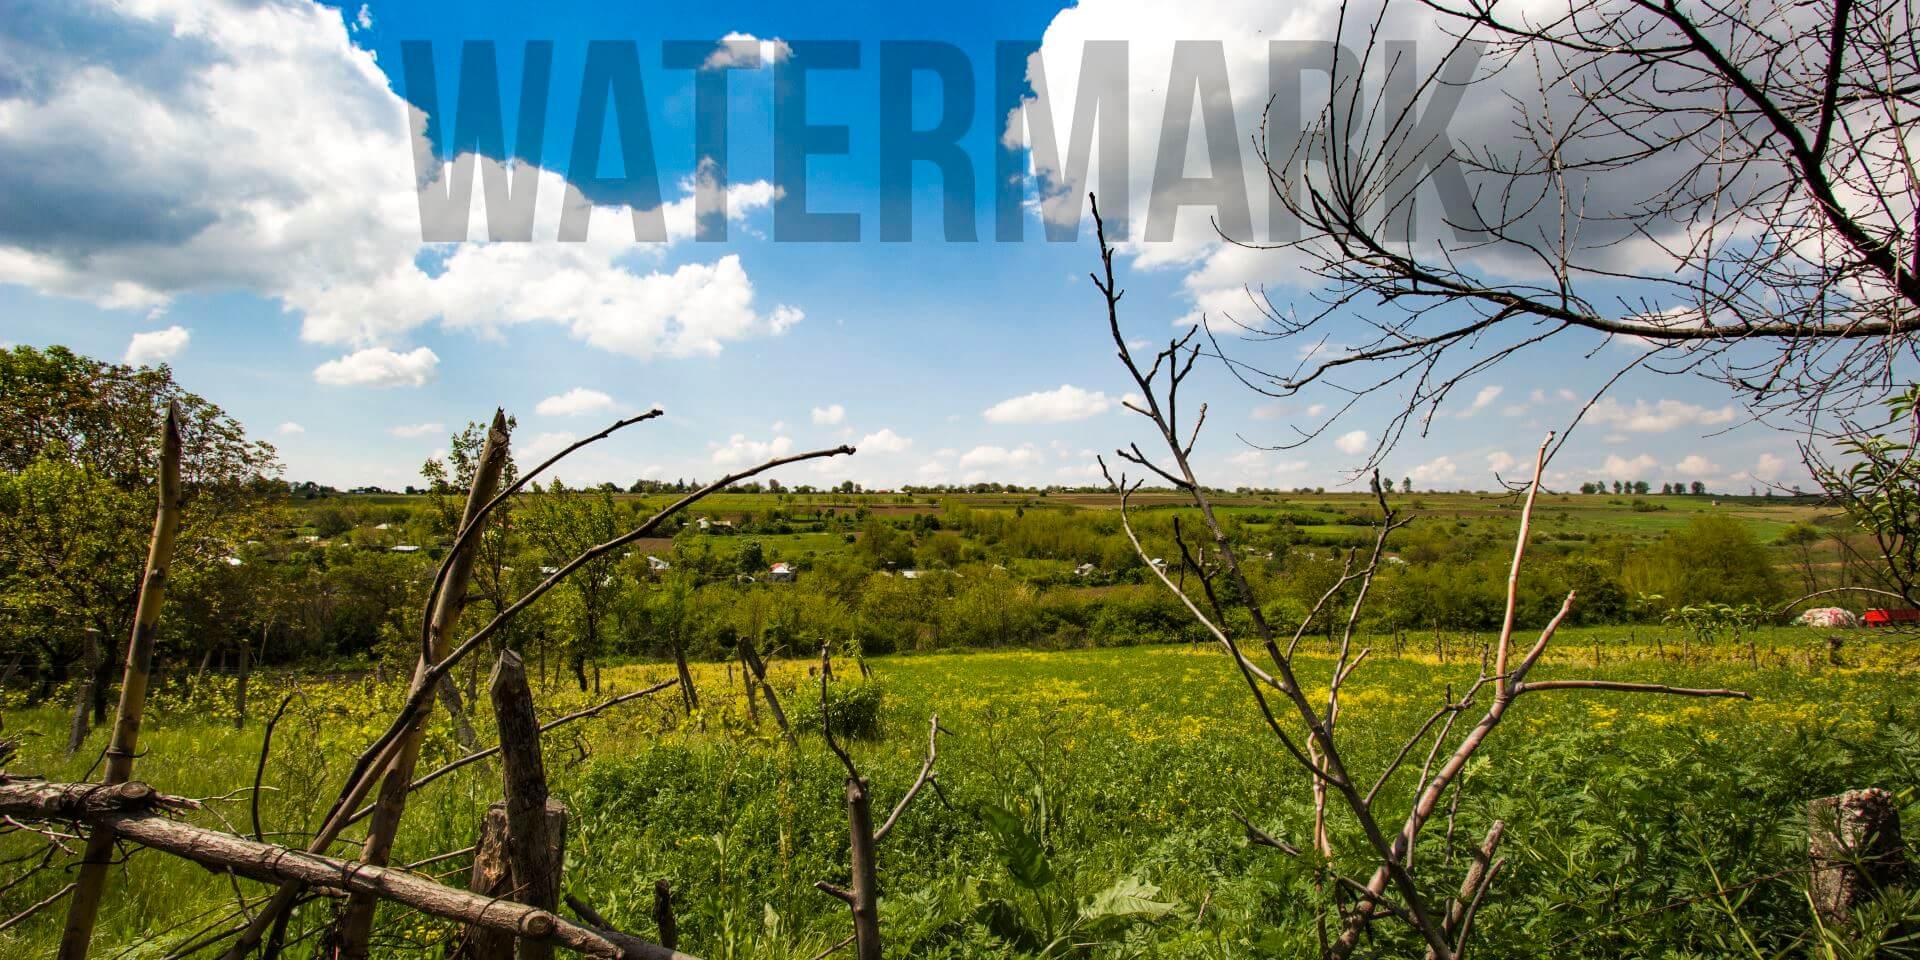 Watermark Images in WordPress